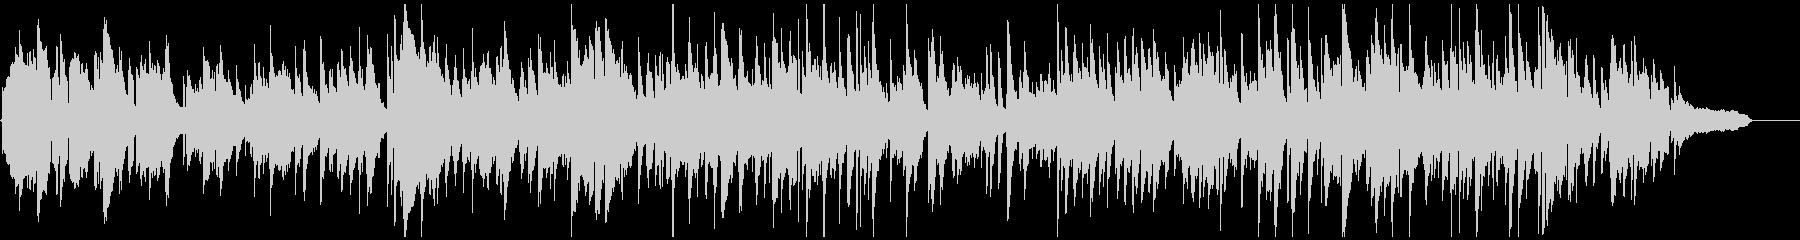 センチメンタルな憂鬱系ジャズ・バラードの未再生の波形